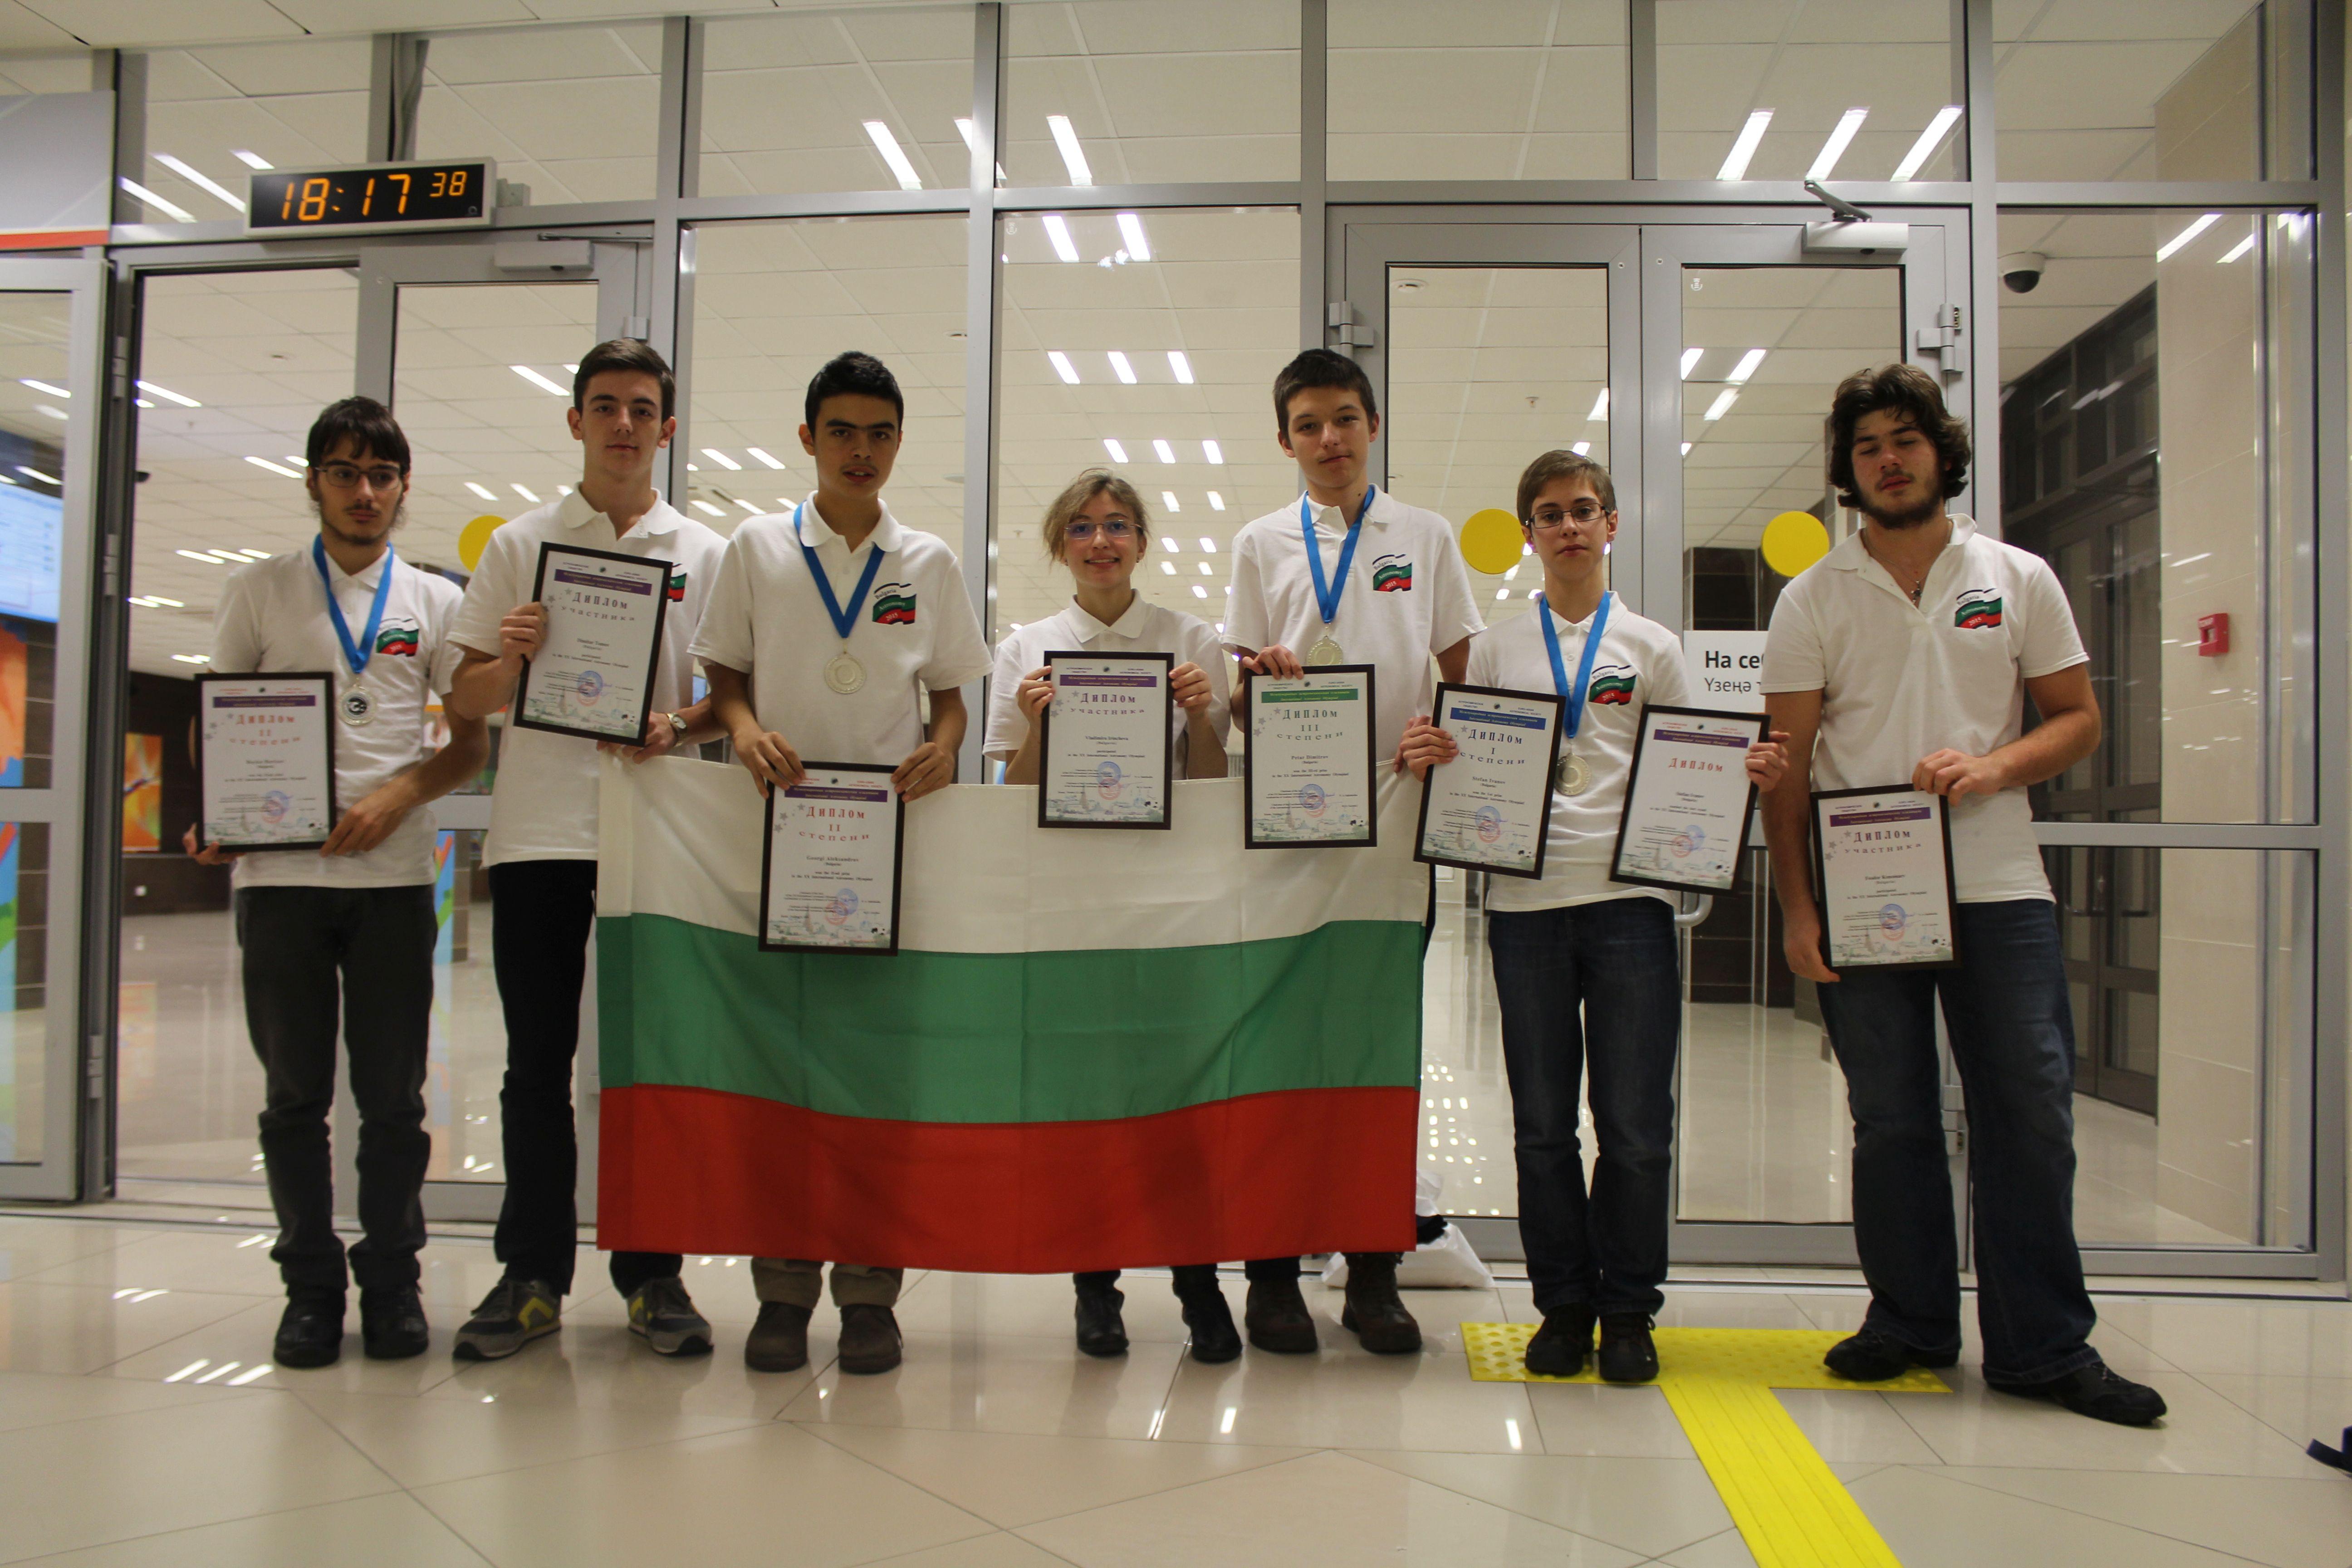 Българи с медали на Международната олимпиада по астрономия